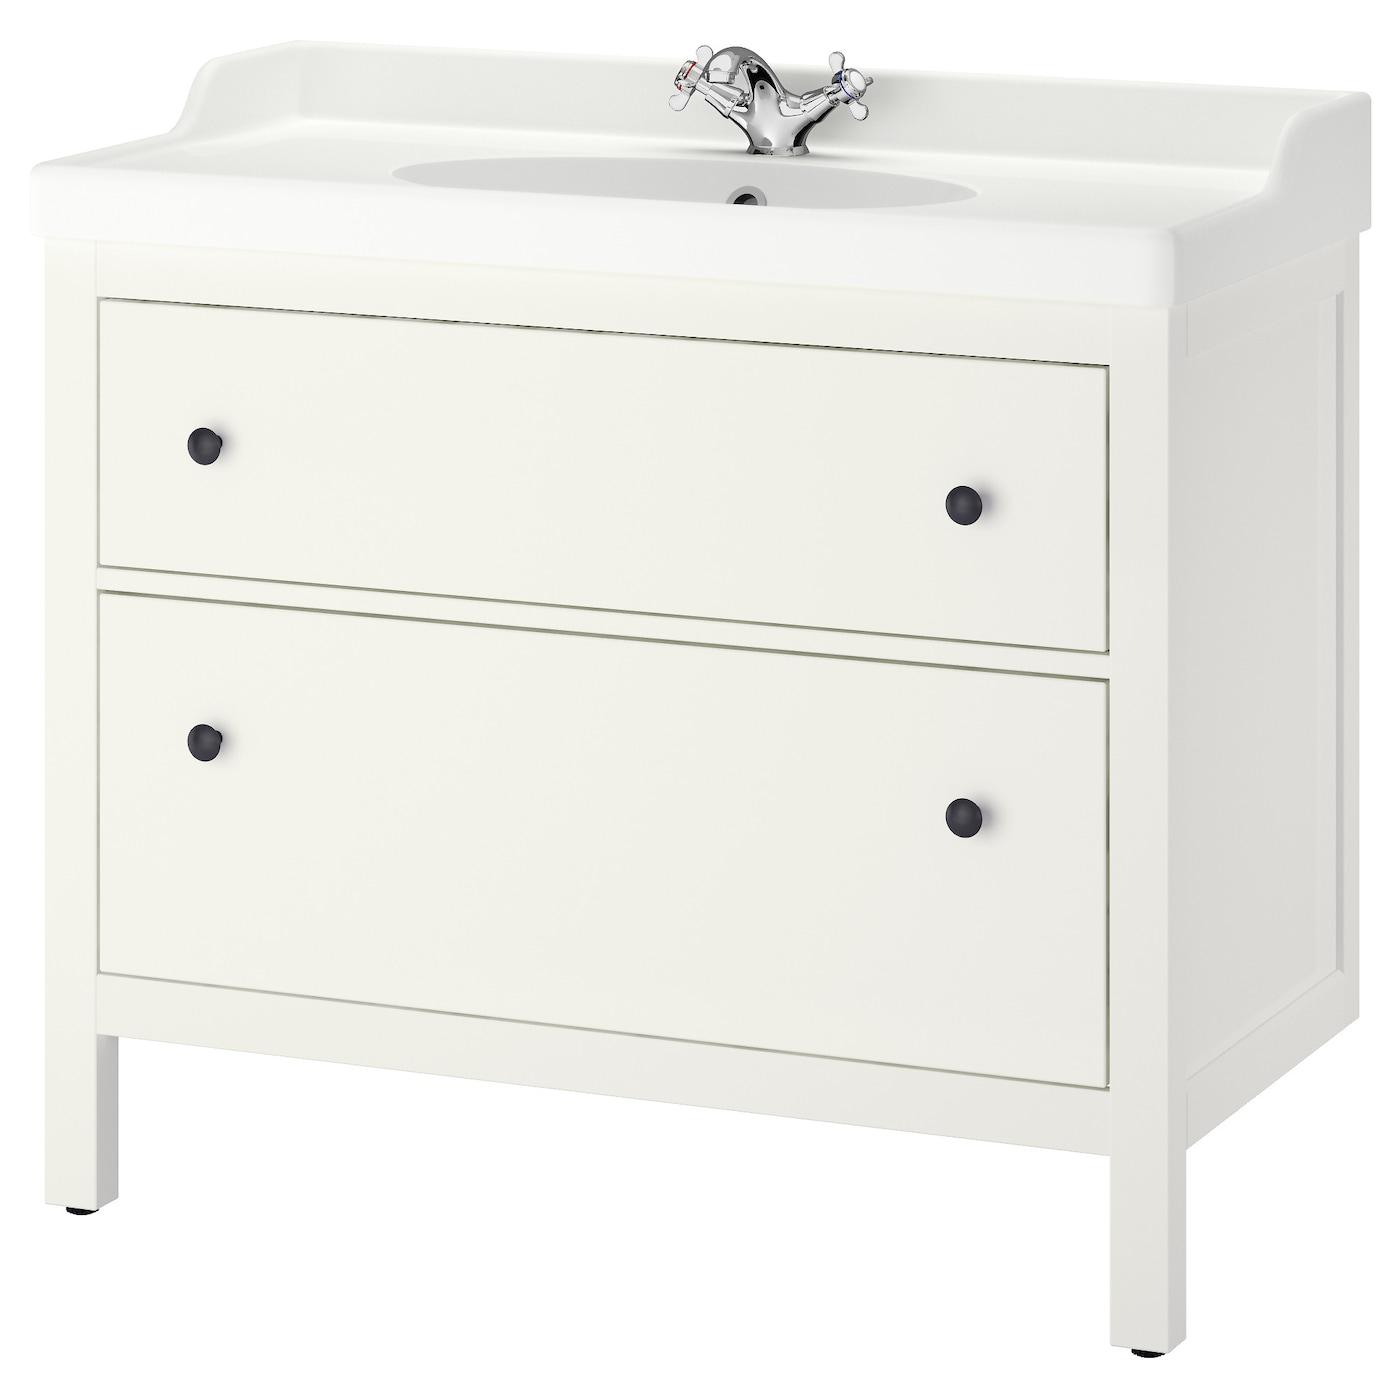 meubles lavabos meubles viers salle de bain ikea. Black Bedroom Furniture Sets. Home Design Ideas